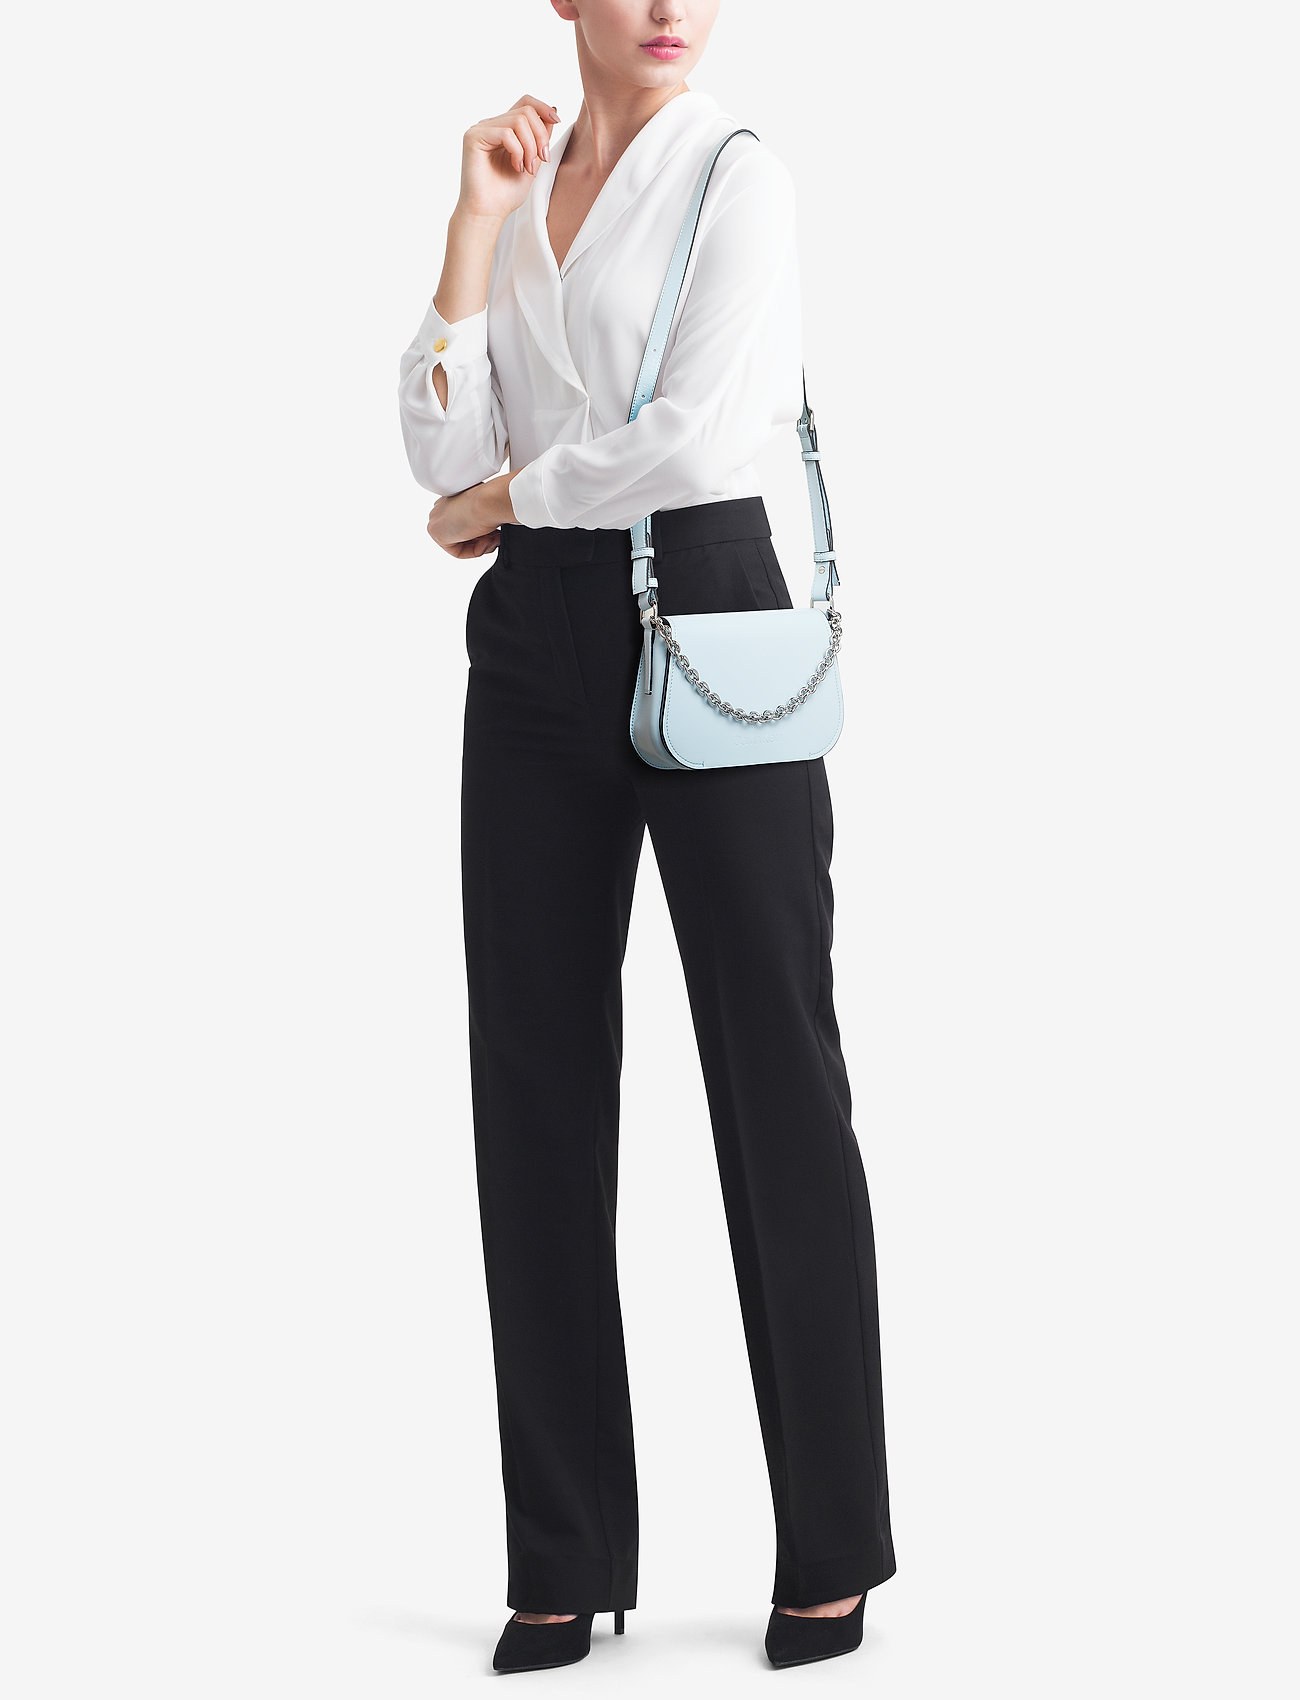 Calvin Klein DRESSED UP SHOULDER BAG - PALE BLUE